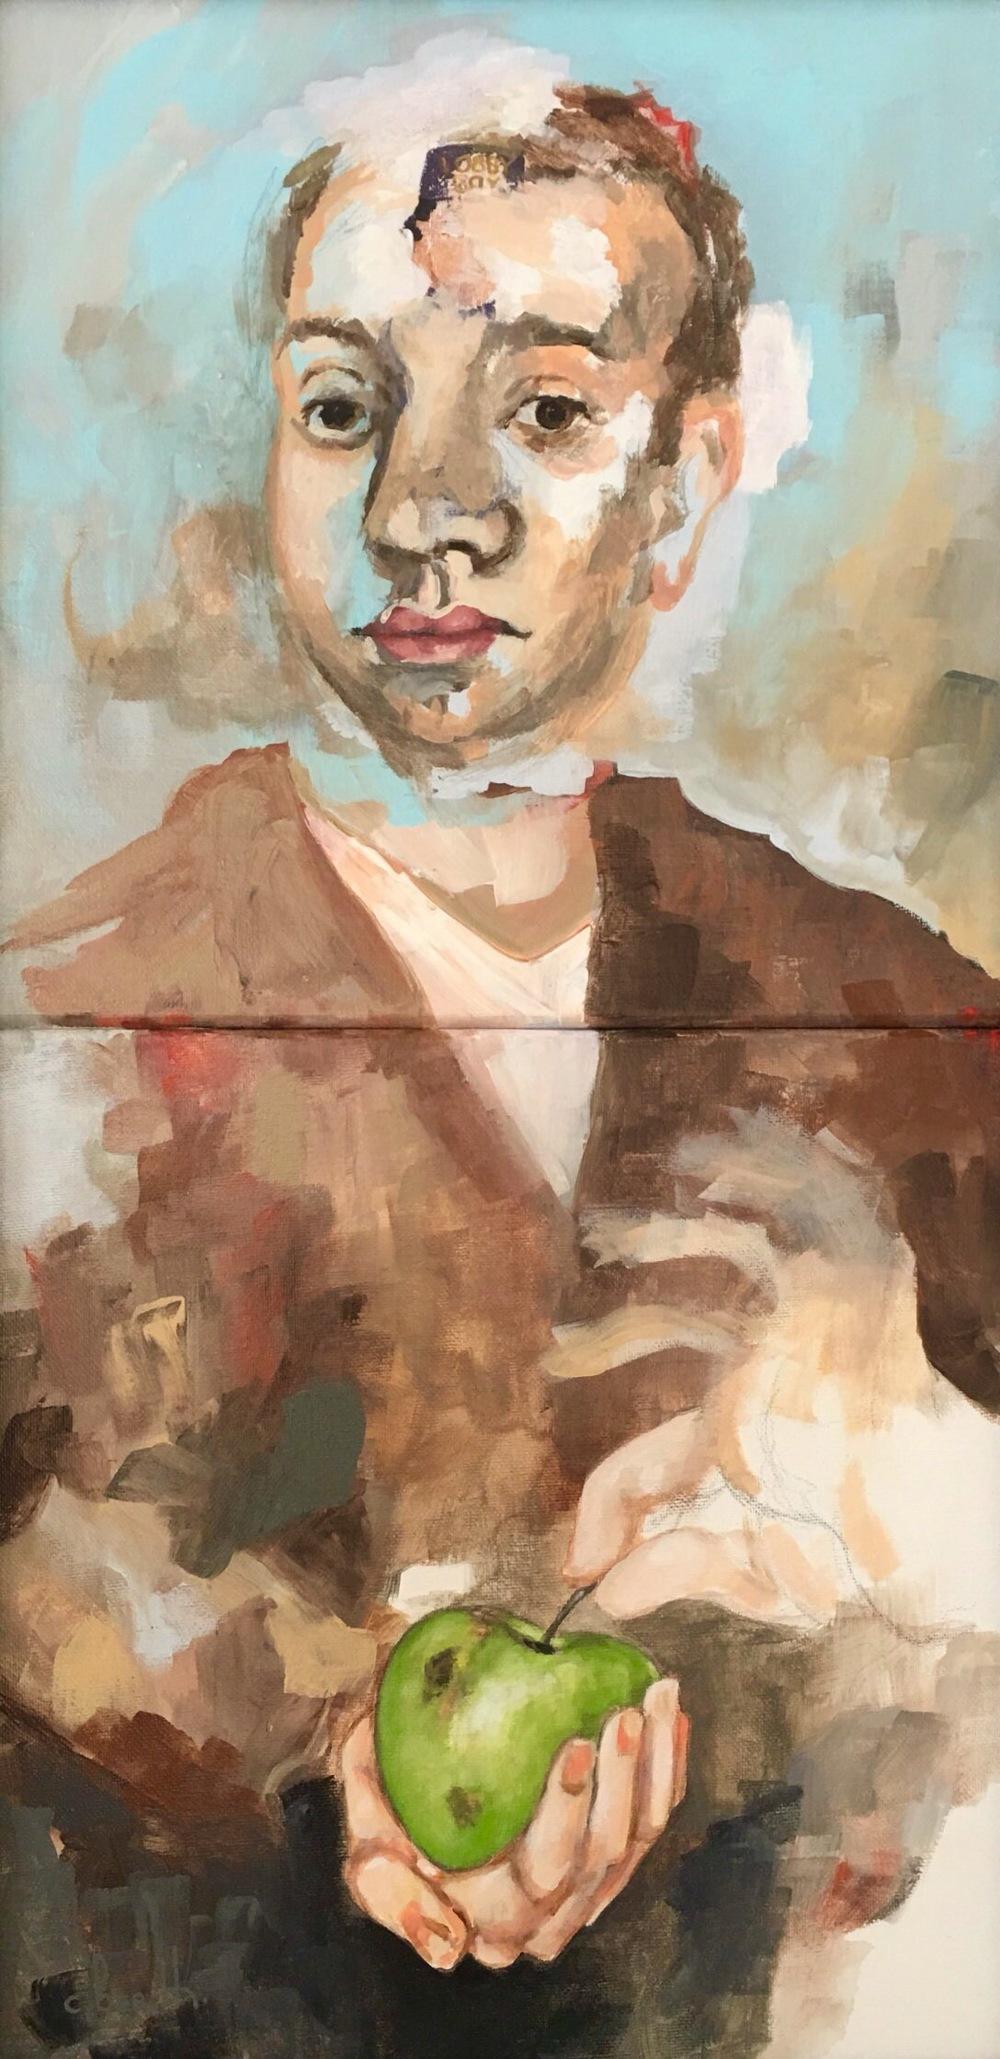 lobby boy with apple 24x12 inches acrylic on canvas